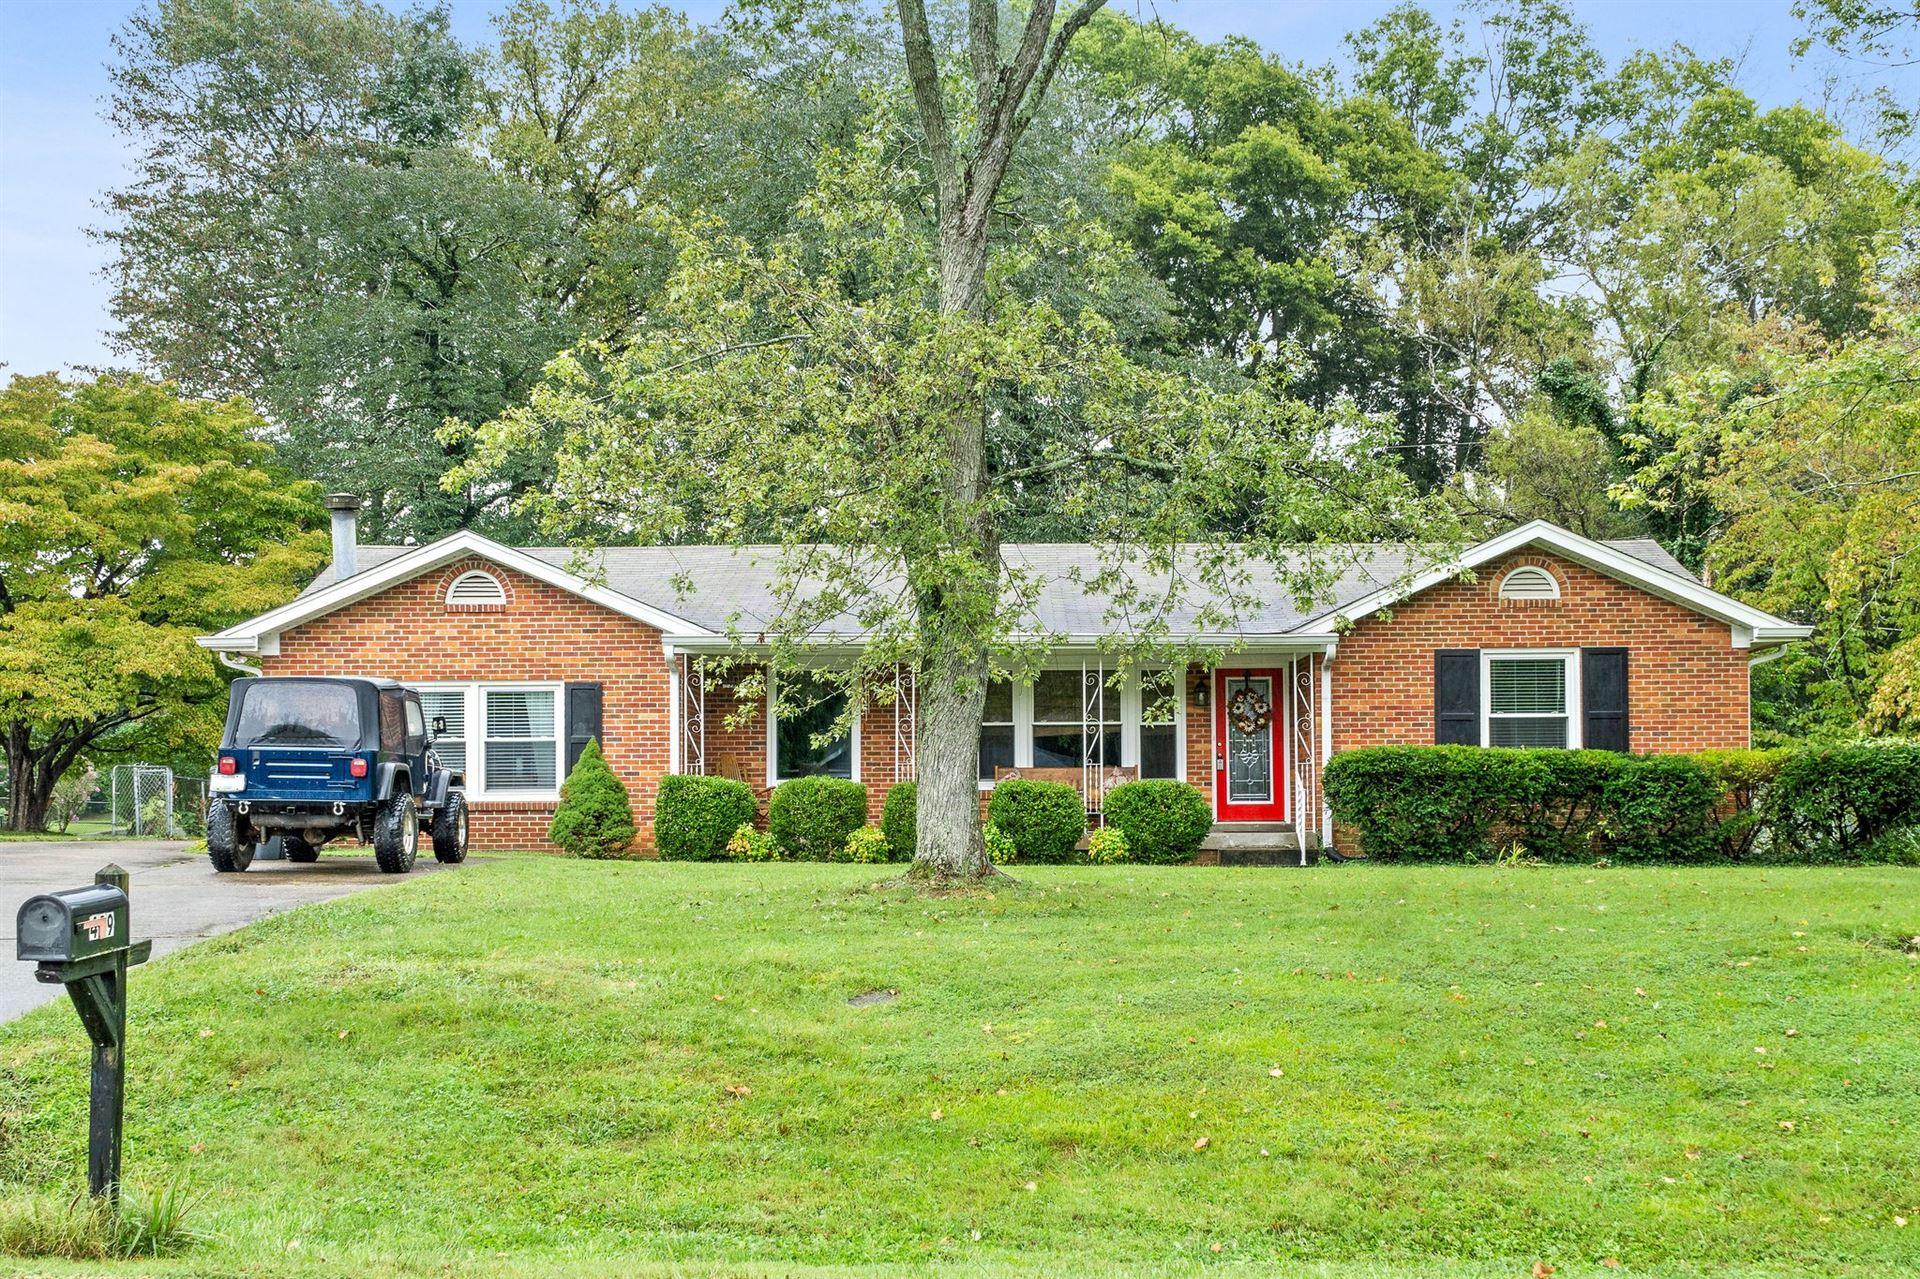 429 Gaylewood Dr, Clarksville, TN 37043 - MLS#: 2292815